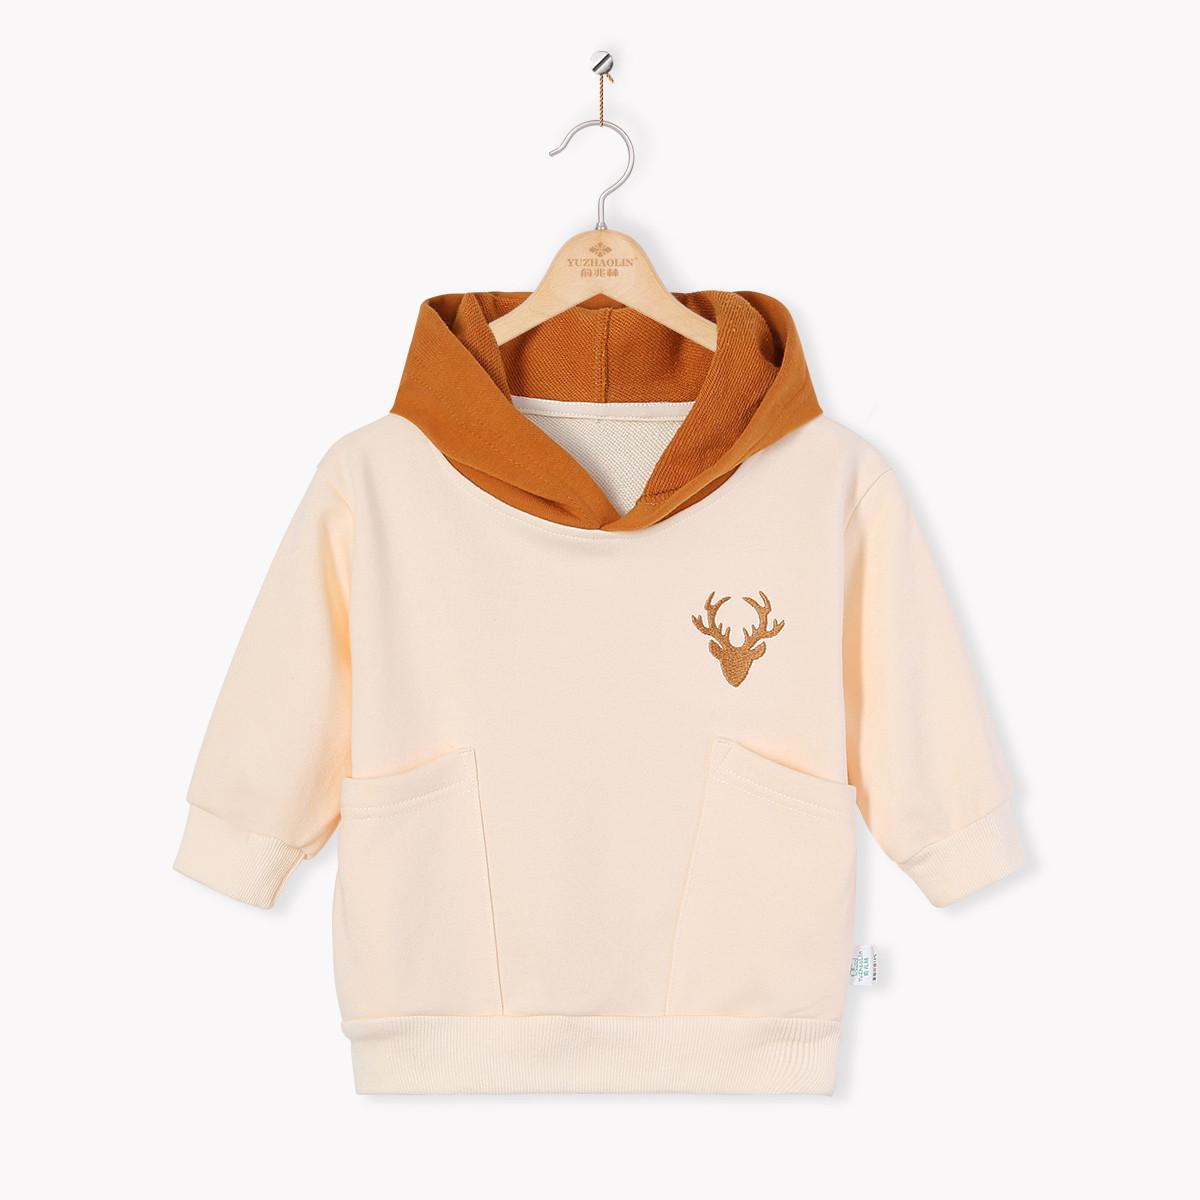 俞兆林男童运动卫衣中大童男童卫衣男童连帽卫衣儿童卫衣男童卫衣YH58TW107035